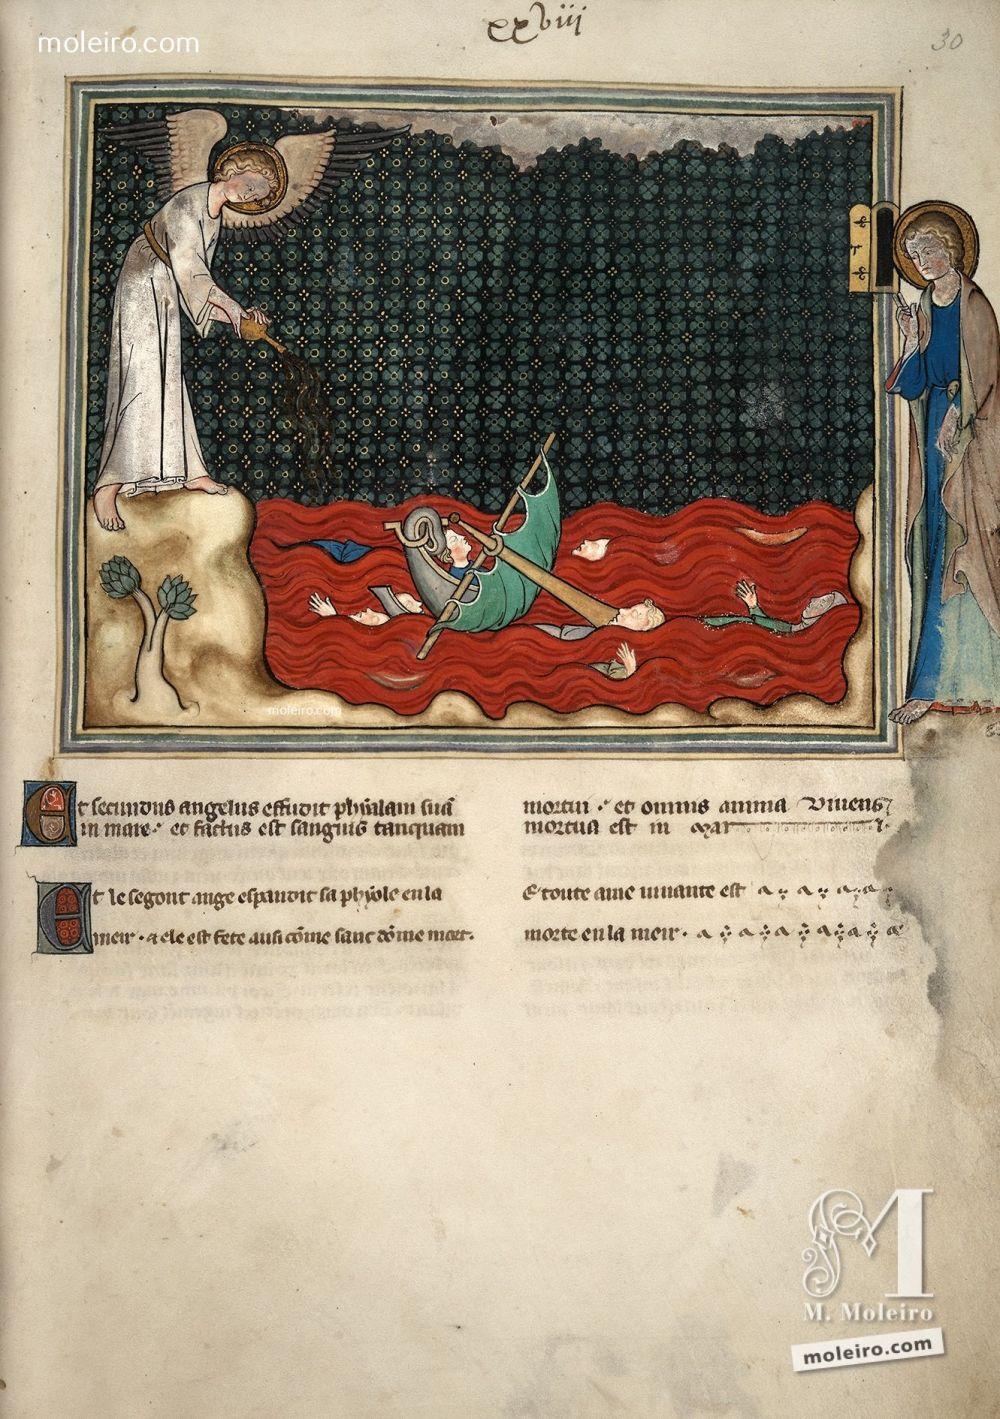 Miniatura folio 30r, Il secondo angelo rovescia la sua coppa (Ap. 16, 3). Apocalisse di Val-Dieu (The British Library, Londra: Add. Ms. 17333). 1320-1330, Nord-est della Francia Normandia. Manoscritto miniato dal Medioevo, secolo XIV.